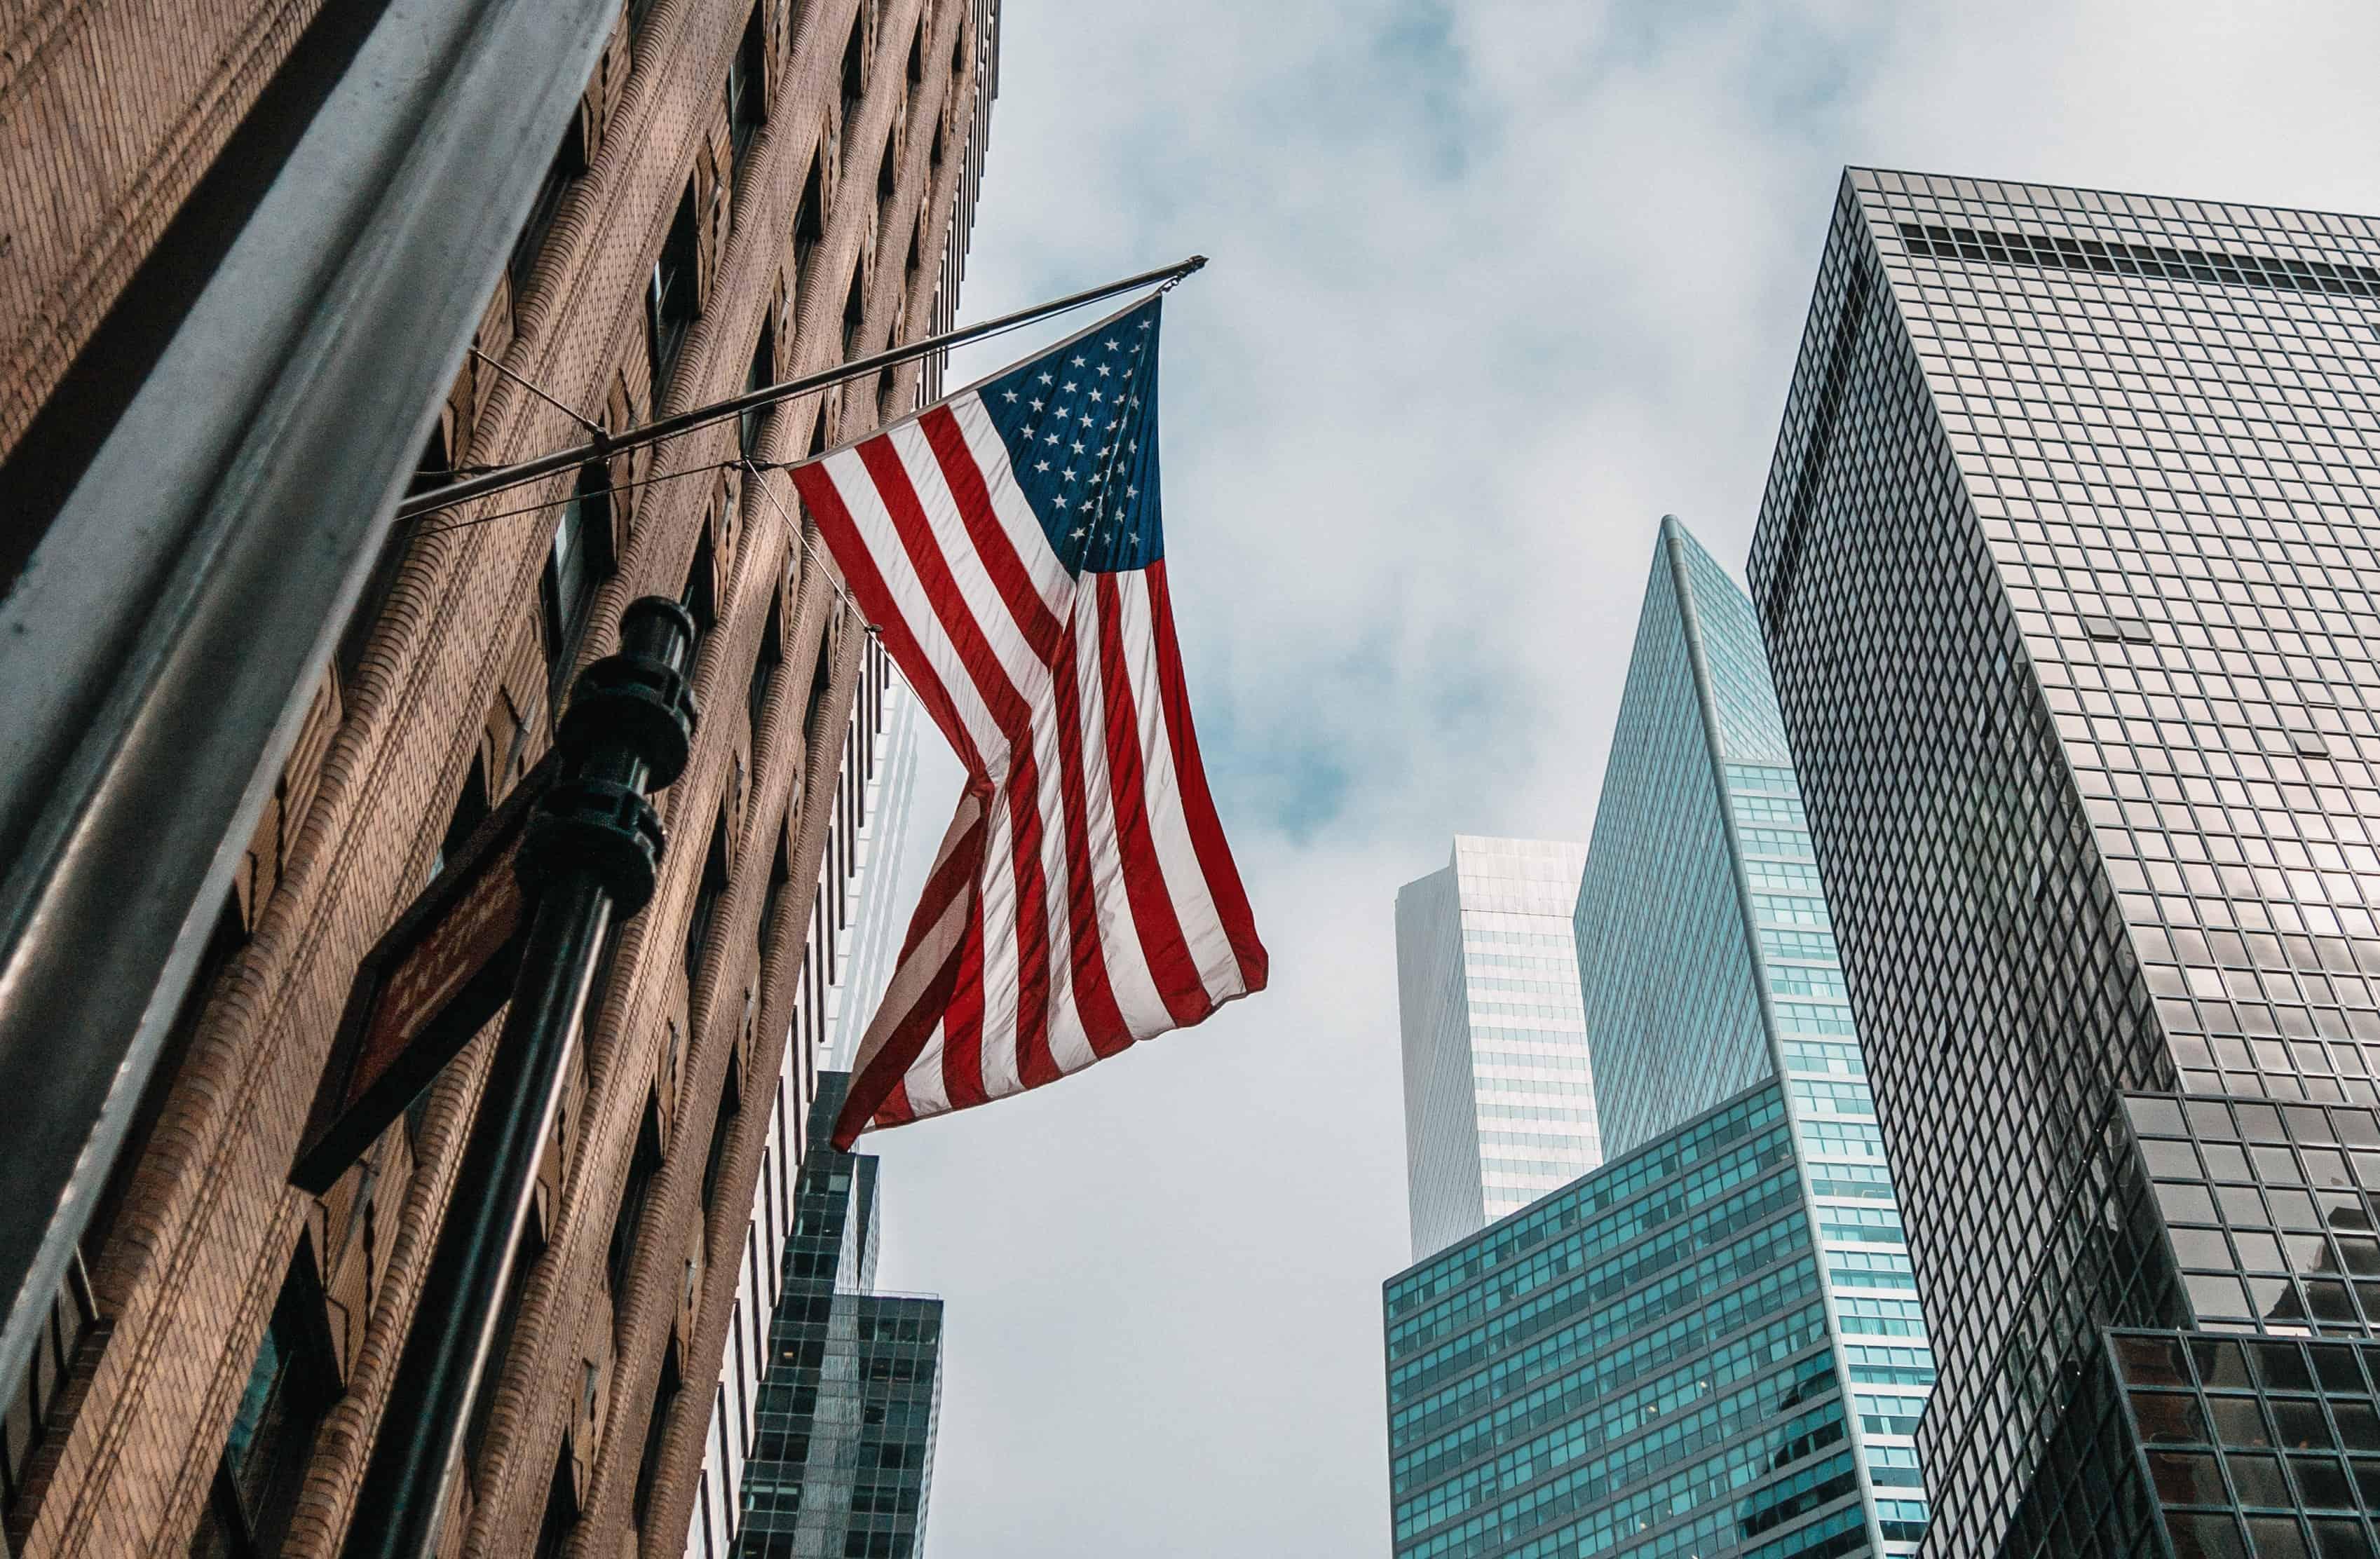 Amerika Göçmenlik Başvurusu – Amerika'da Yaşam ve İş Fırsatları